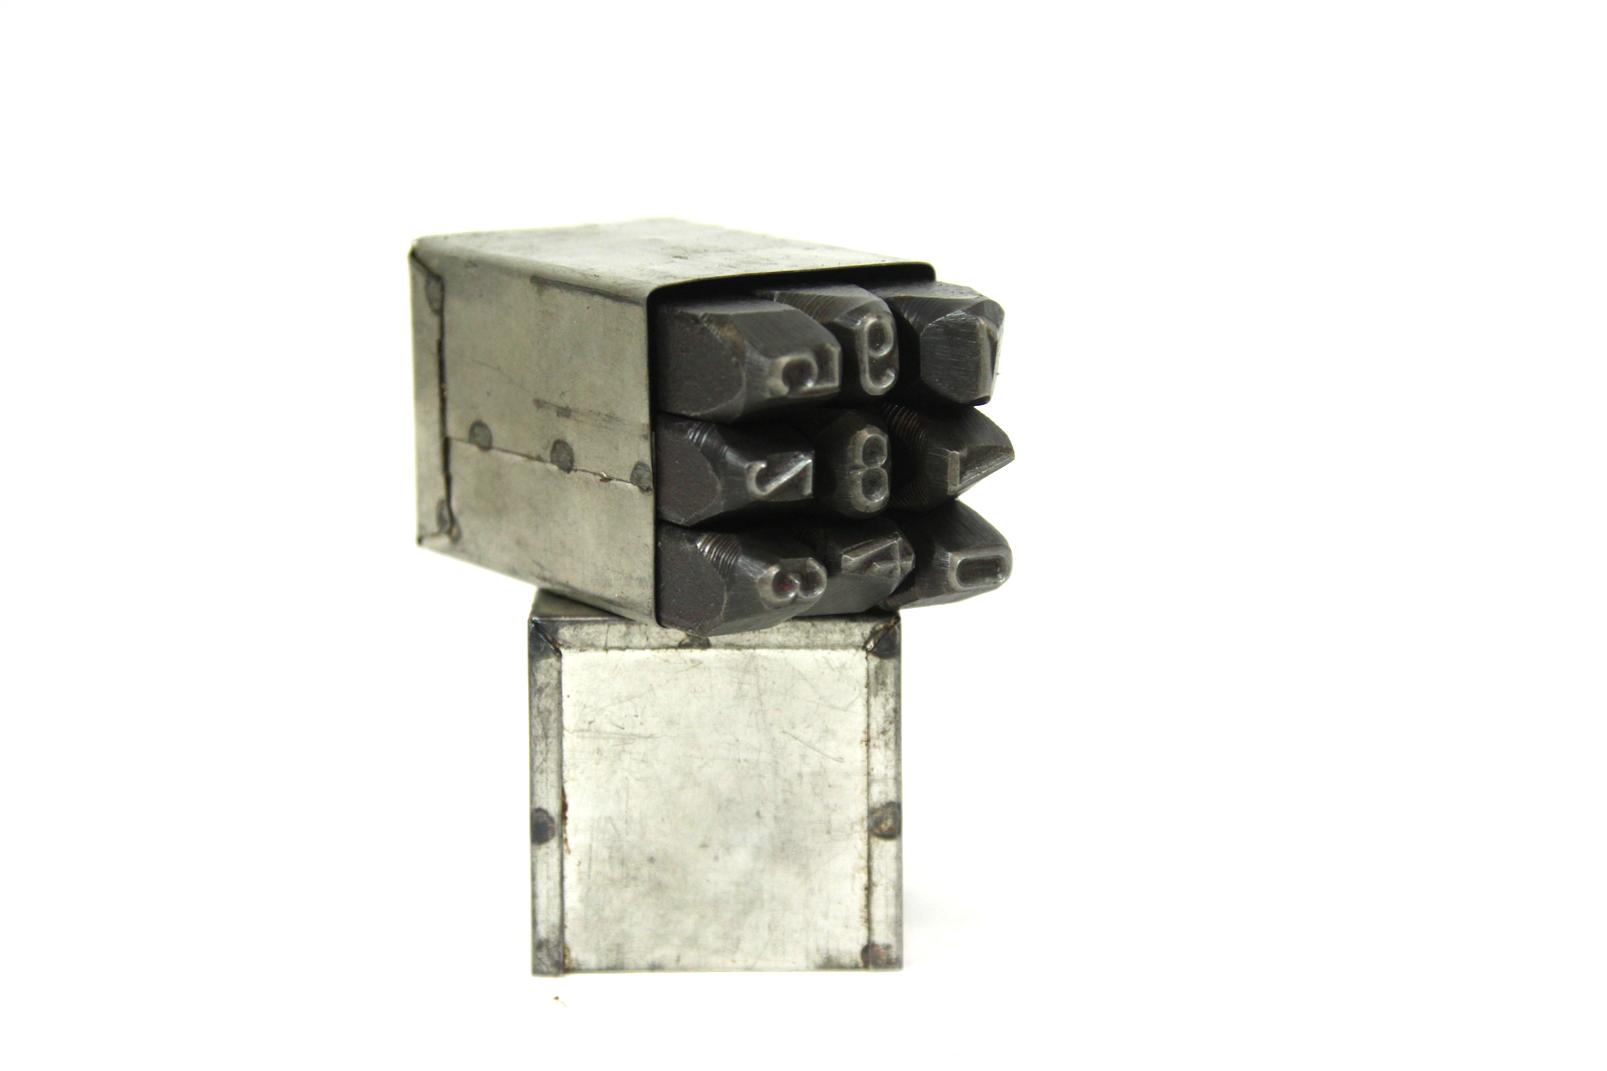 9 schlagzahlen zerbst 0 9 original ddr 8 mm schlagziffern. Black Bedroom Furniture Sets. Home Design Ideas